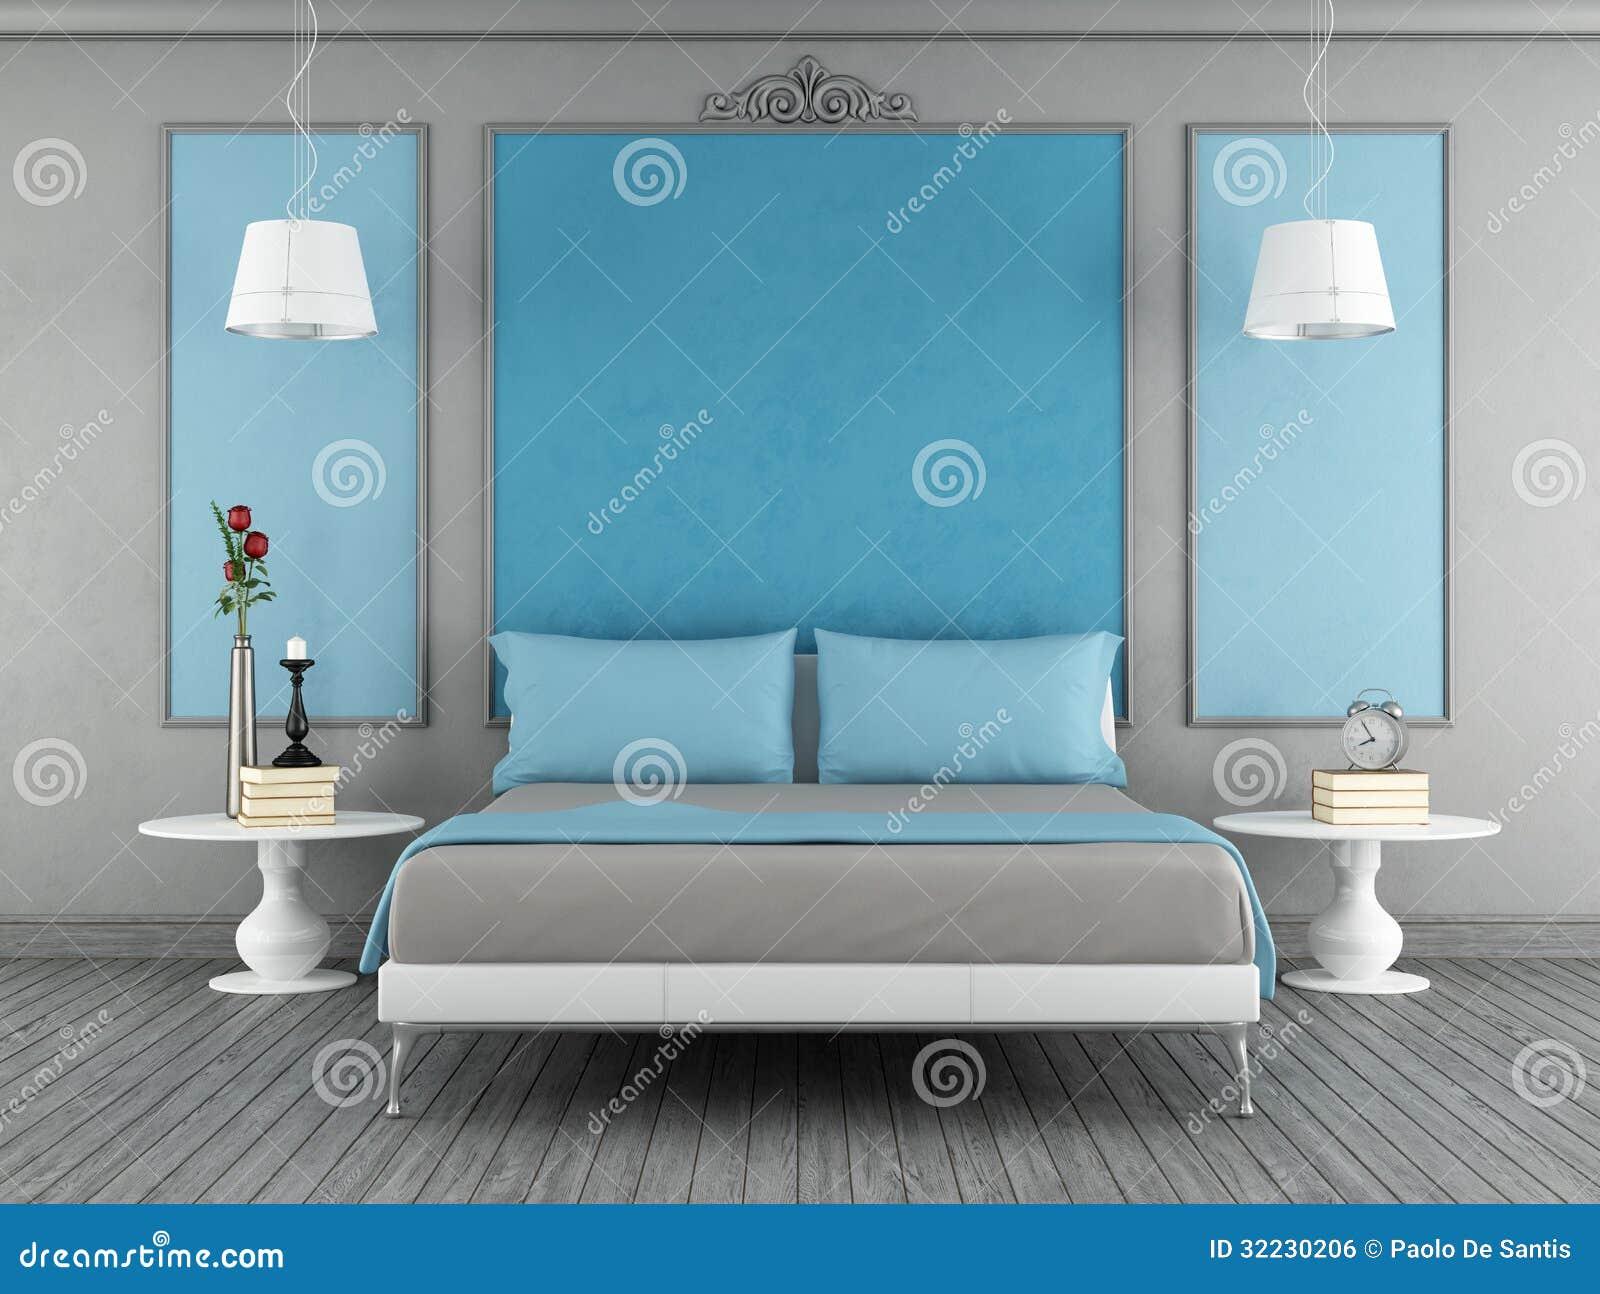 chambre coucher bleue et grise image libre de droits image 32230206. Black Bedroom Furniture Sets. Home Design Ideas